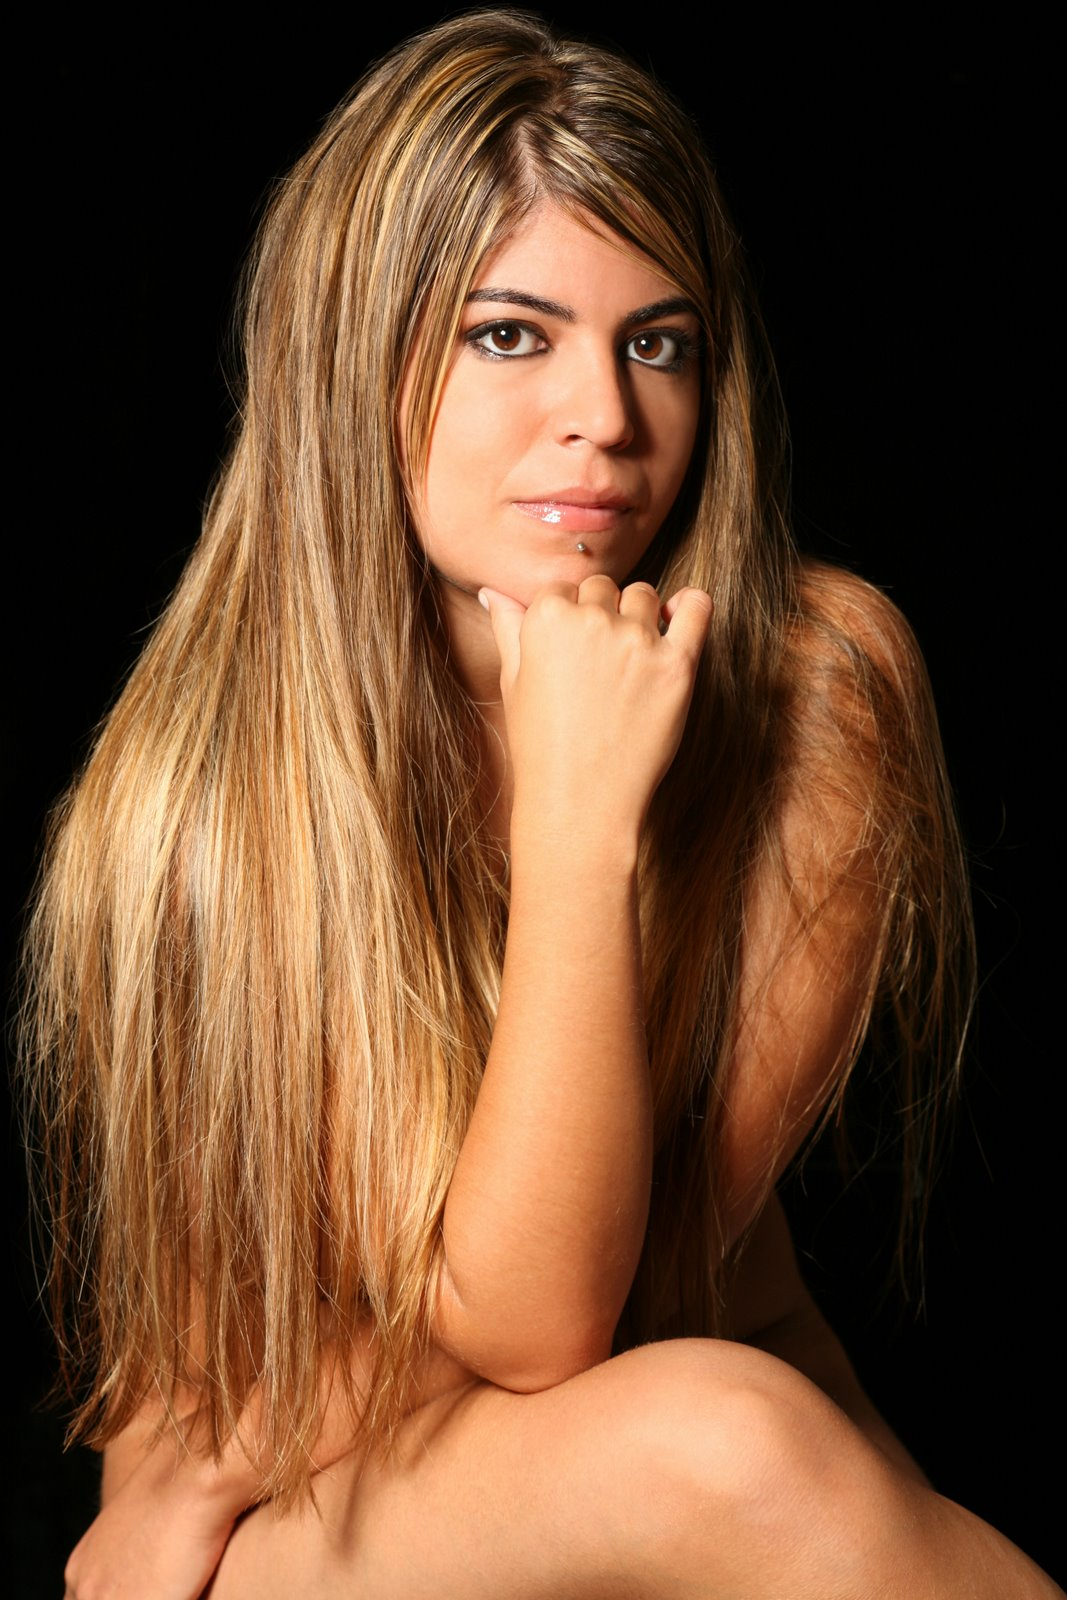 Bruna Surfistinha Raquel Pacheco